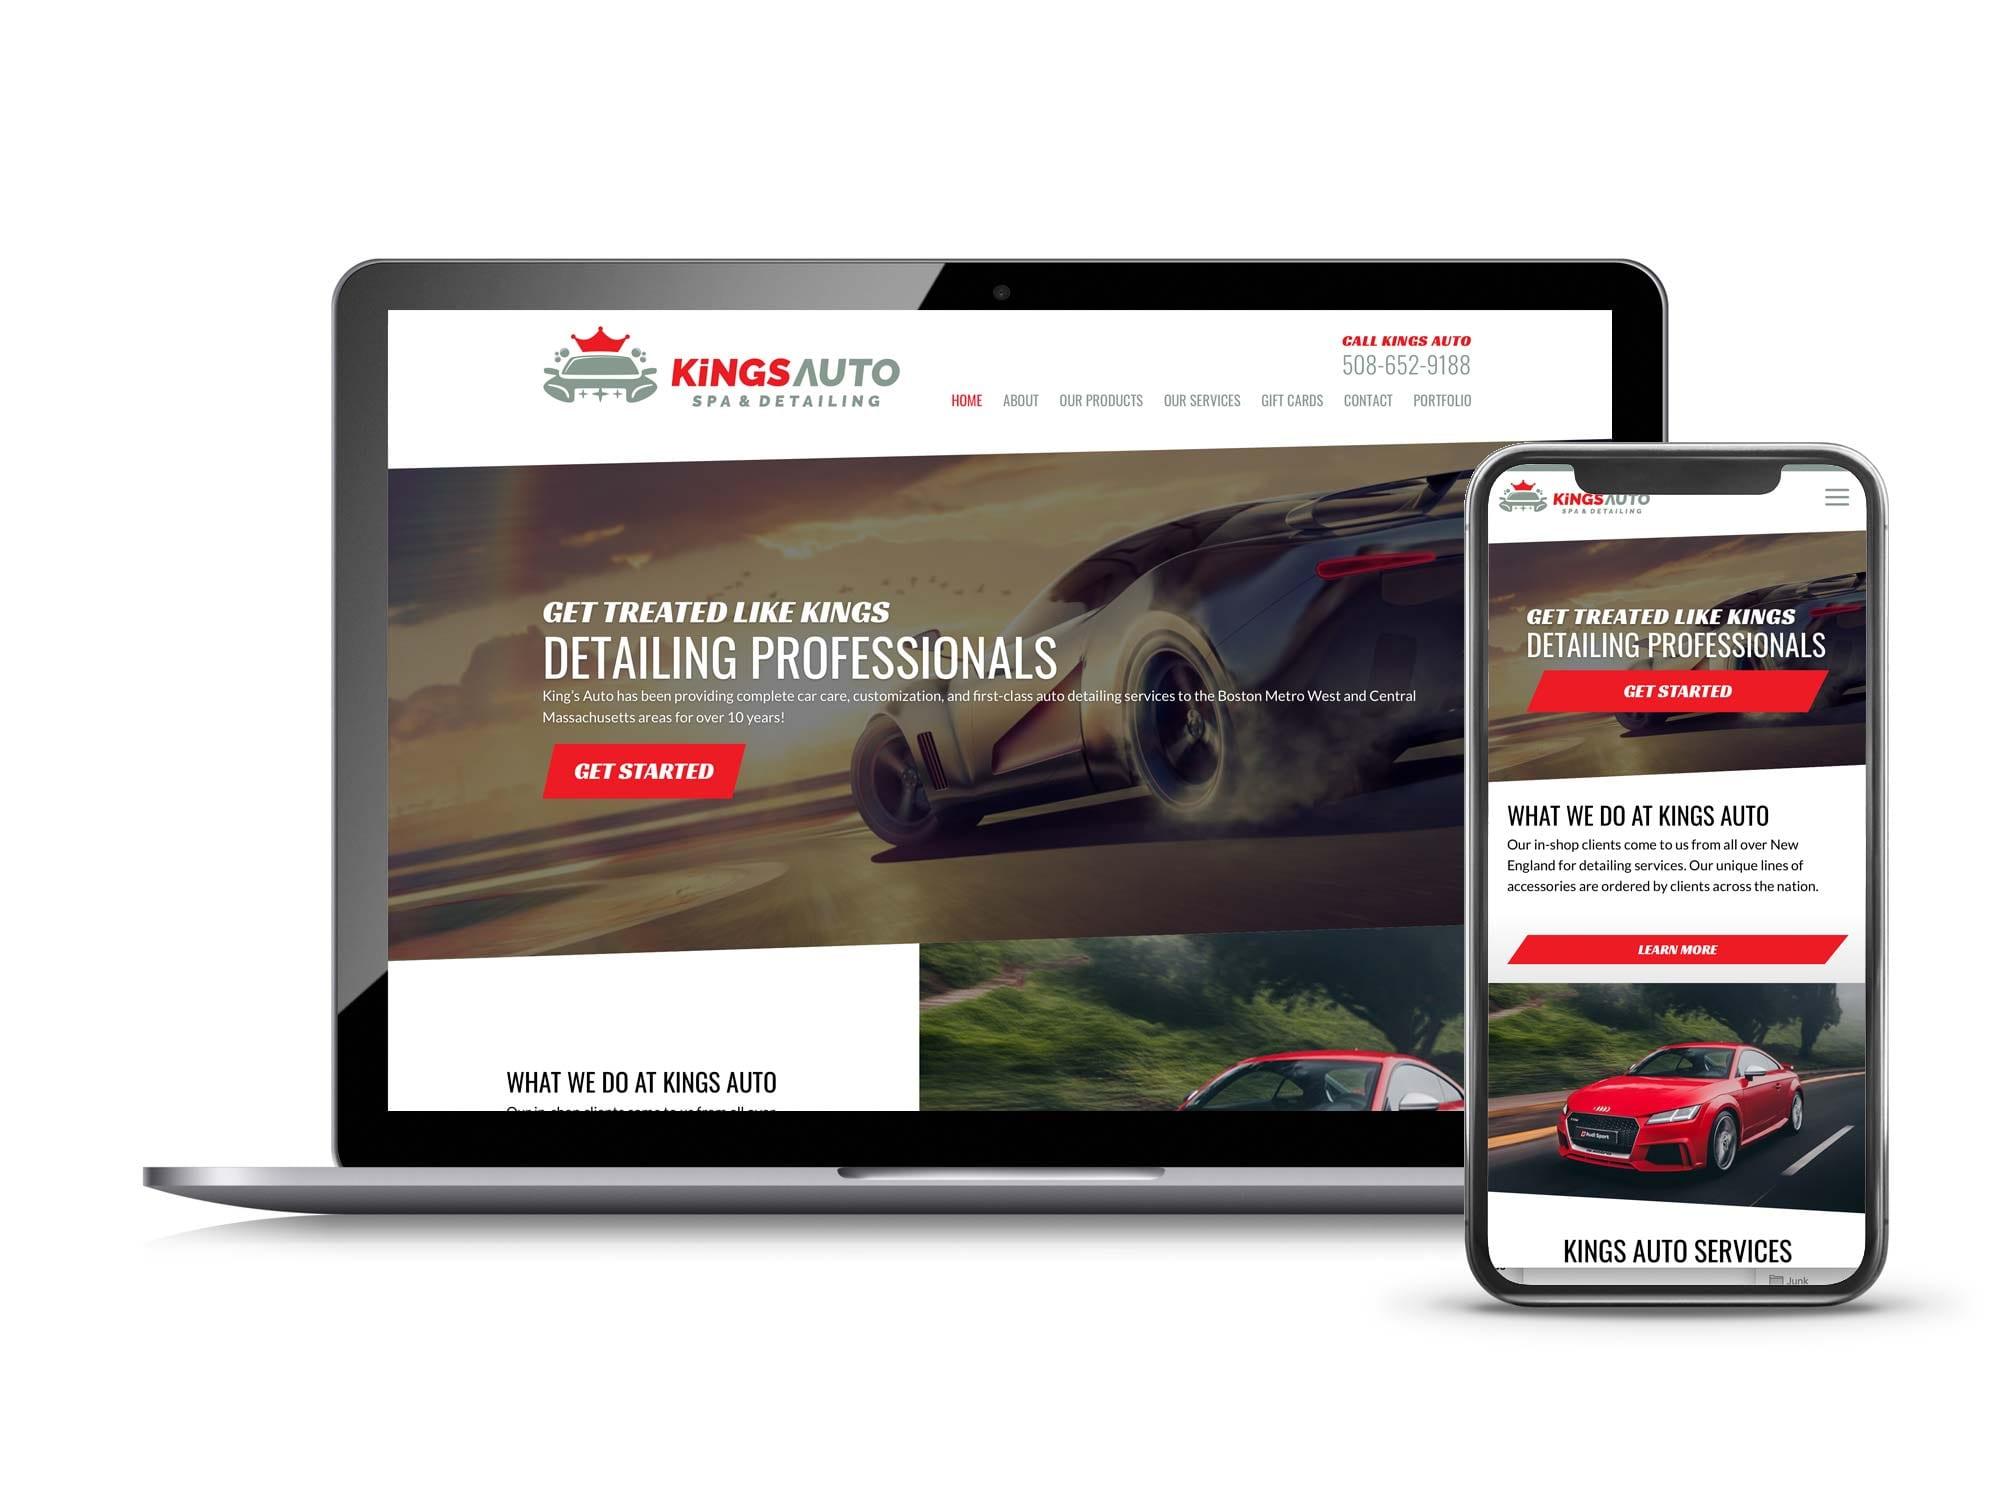 Kings Auto Spa & Detailing Natick, MA